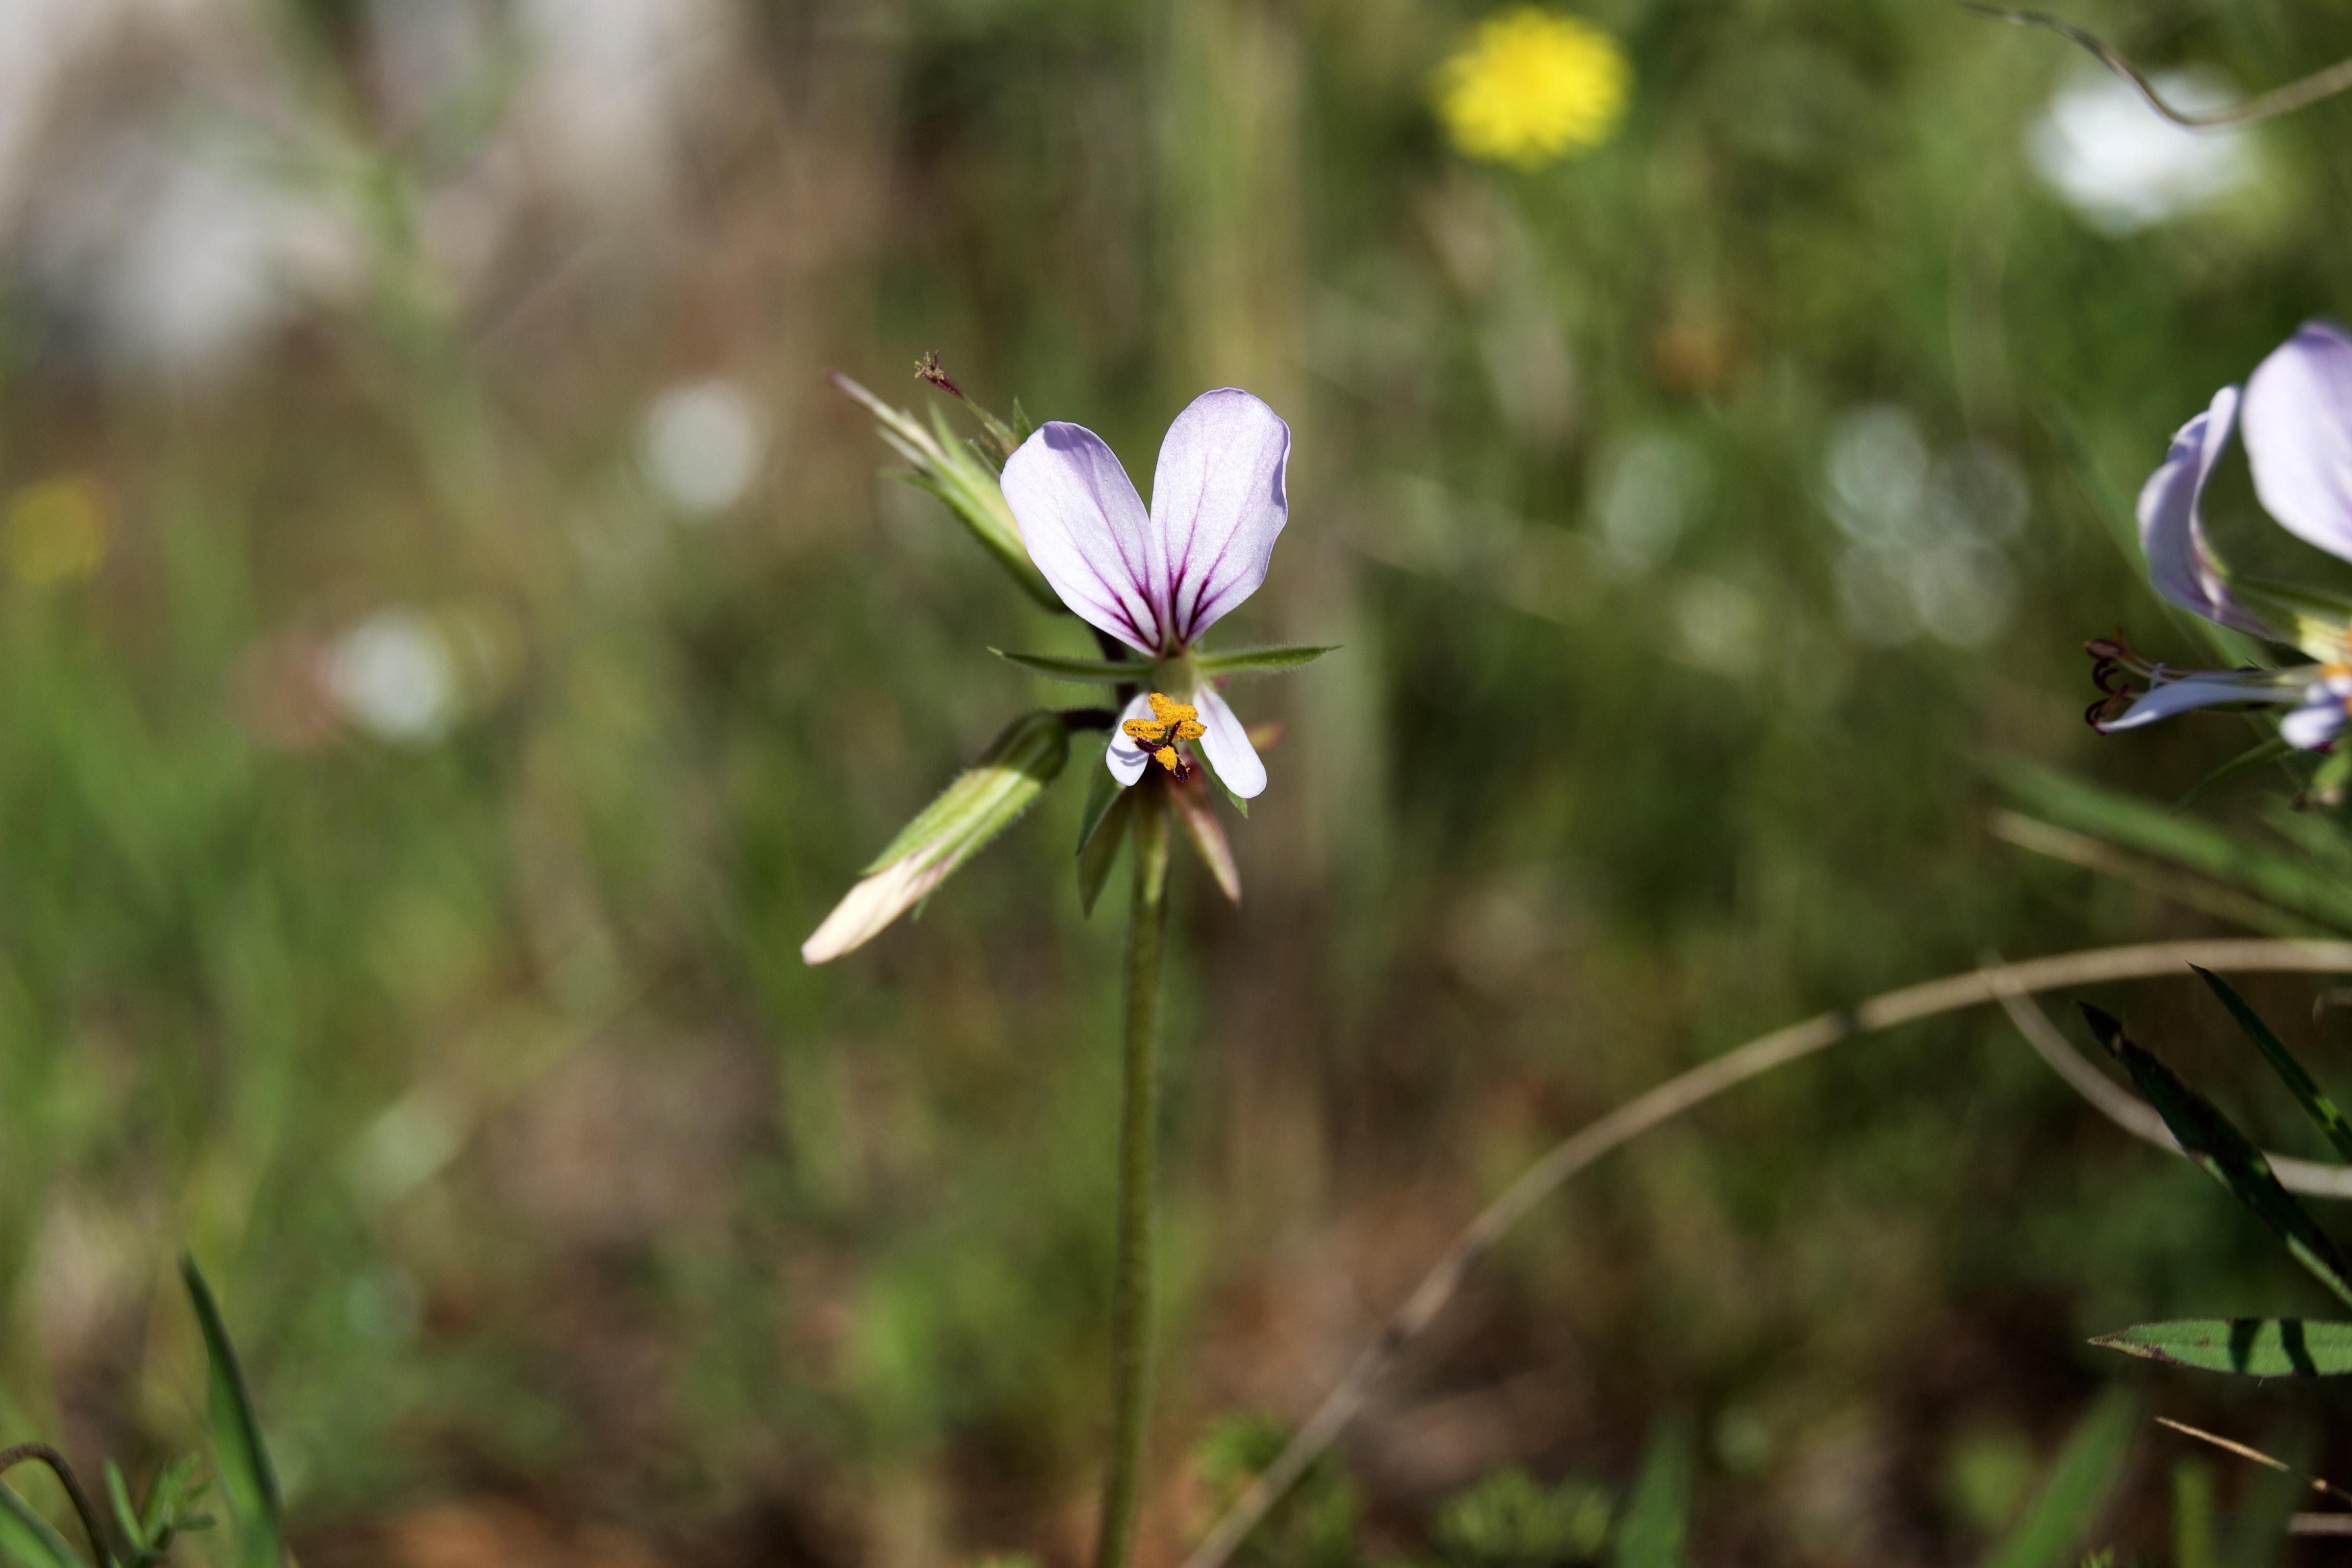 Pelargonium, possibly P. suburbanum, 19 September 2020. Copyright 2020 Forgotten Fields. All rights reserved.